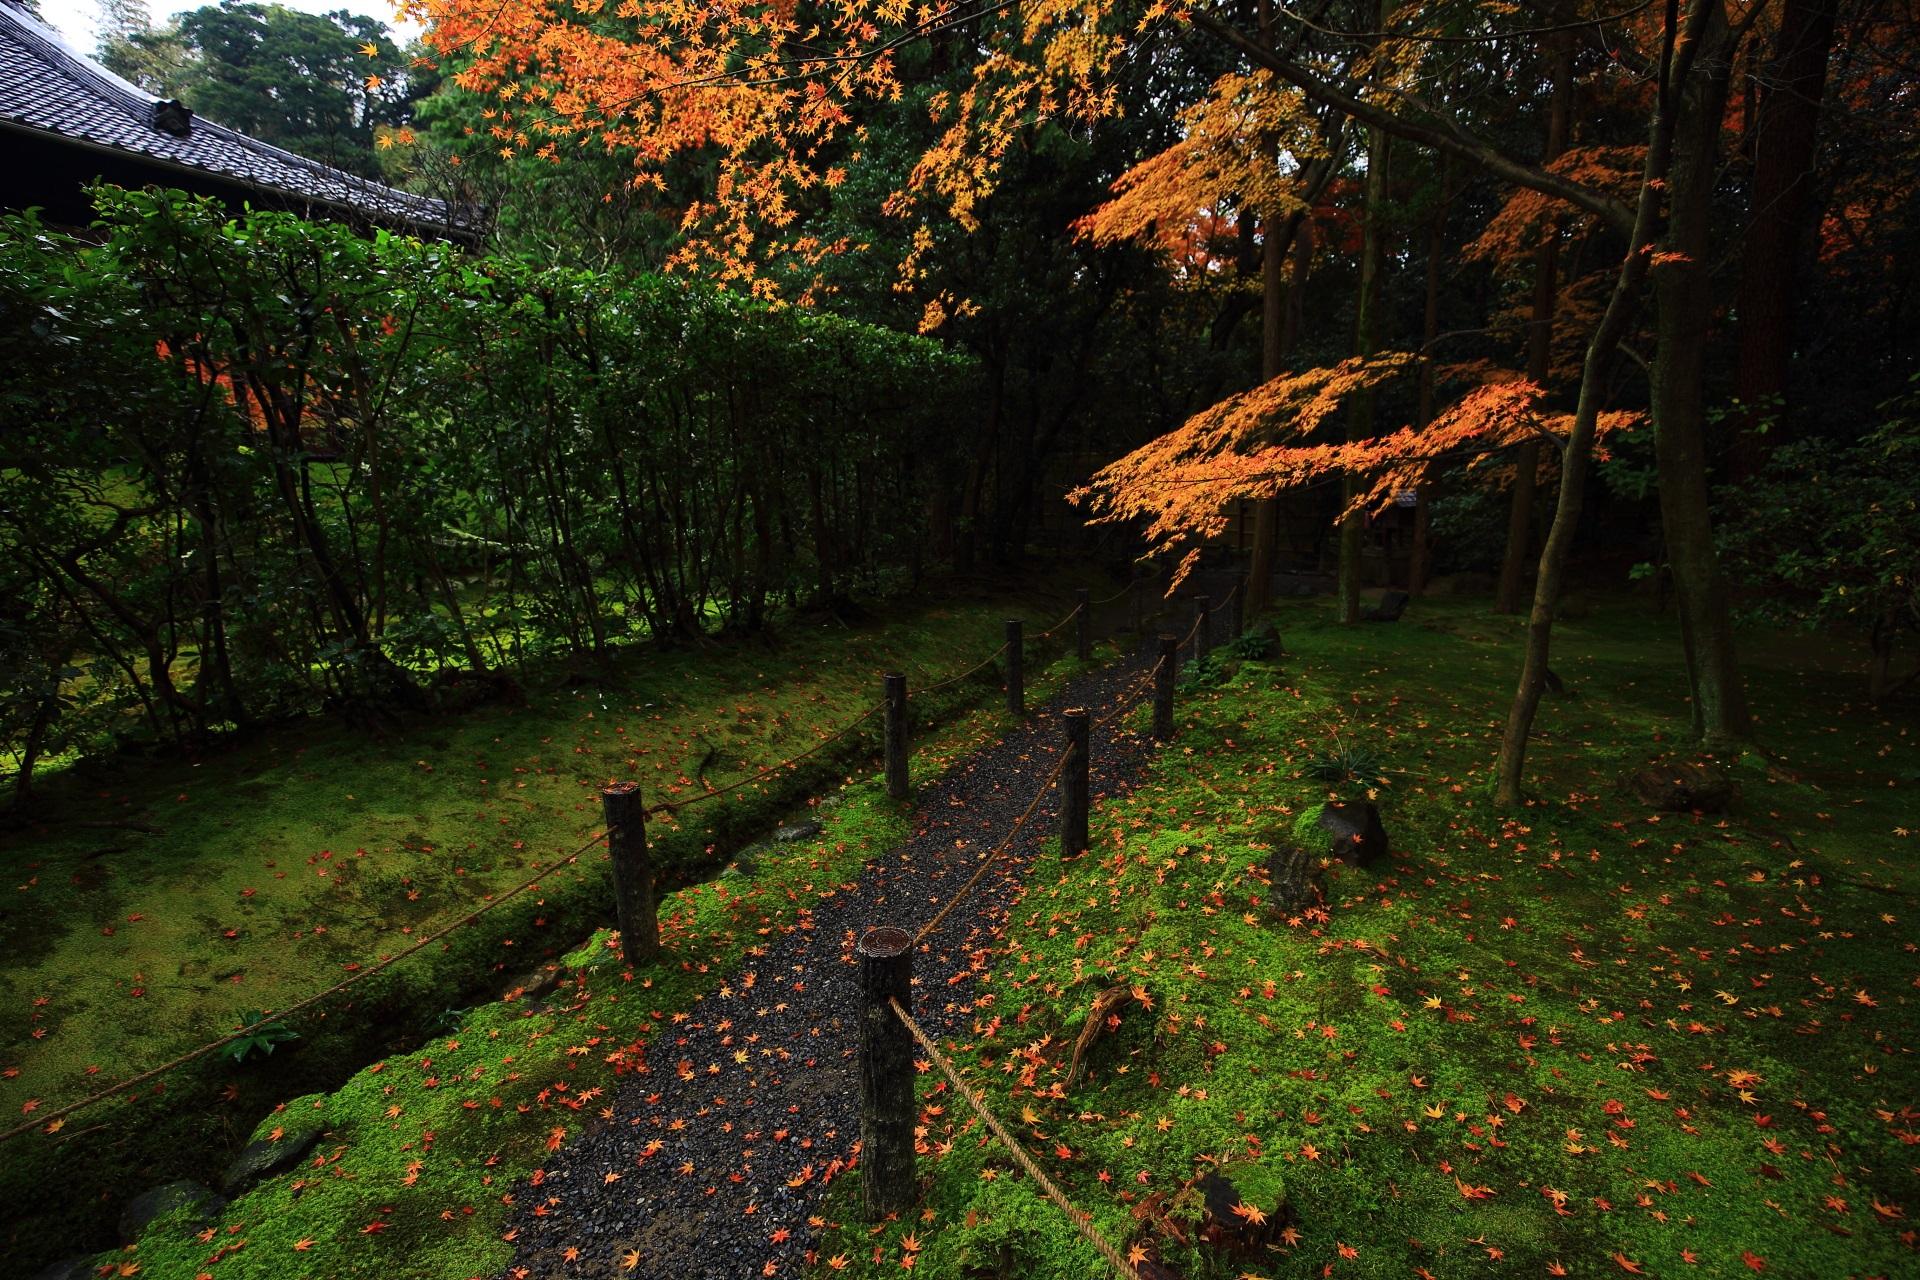 桂春院の真如の庭南側の晩秋の紅葉と散り紅葉